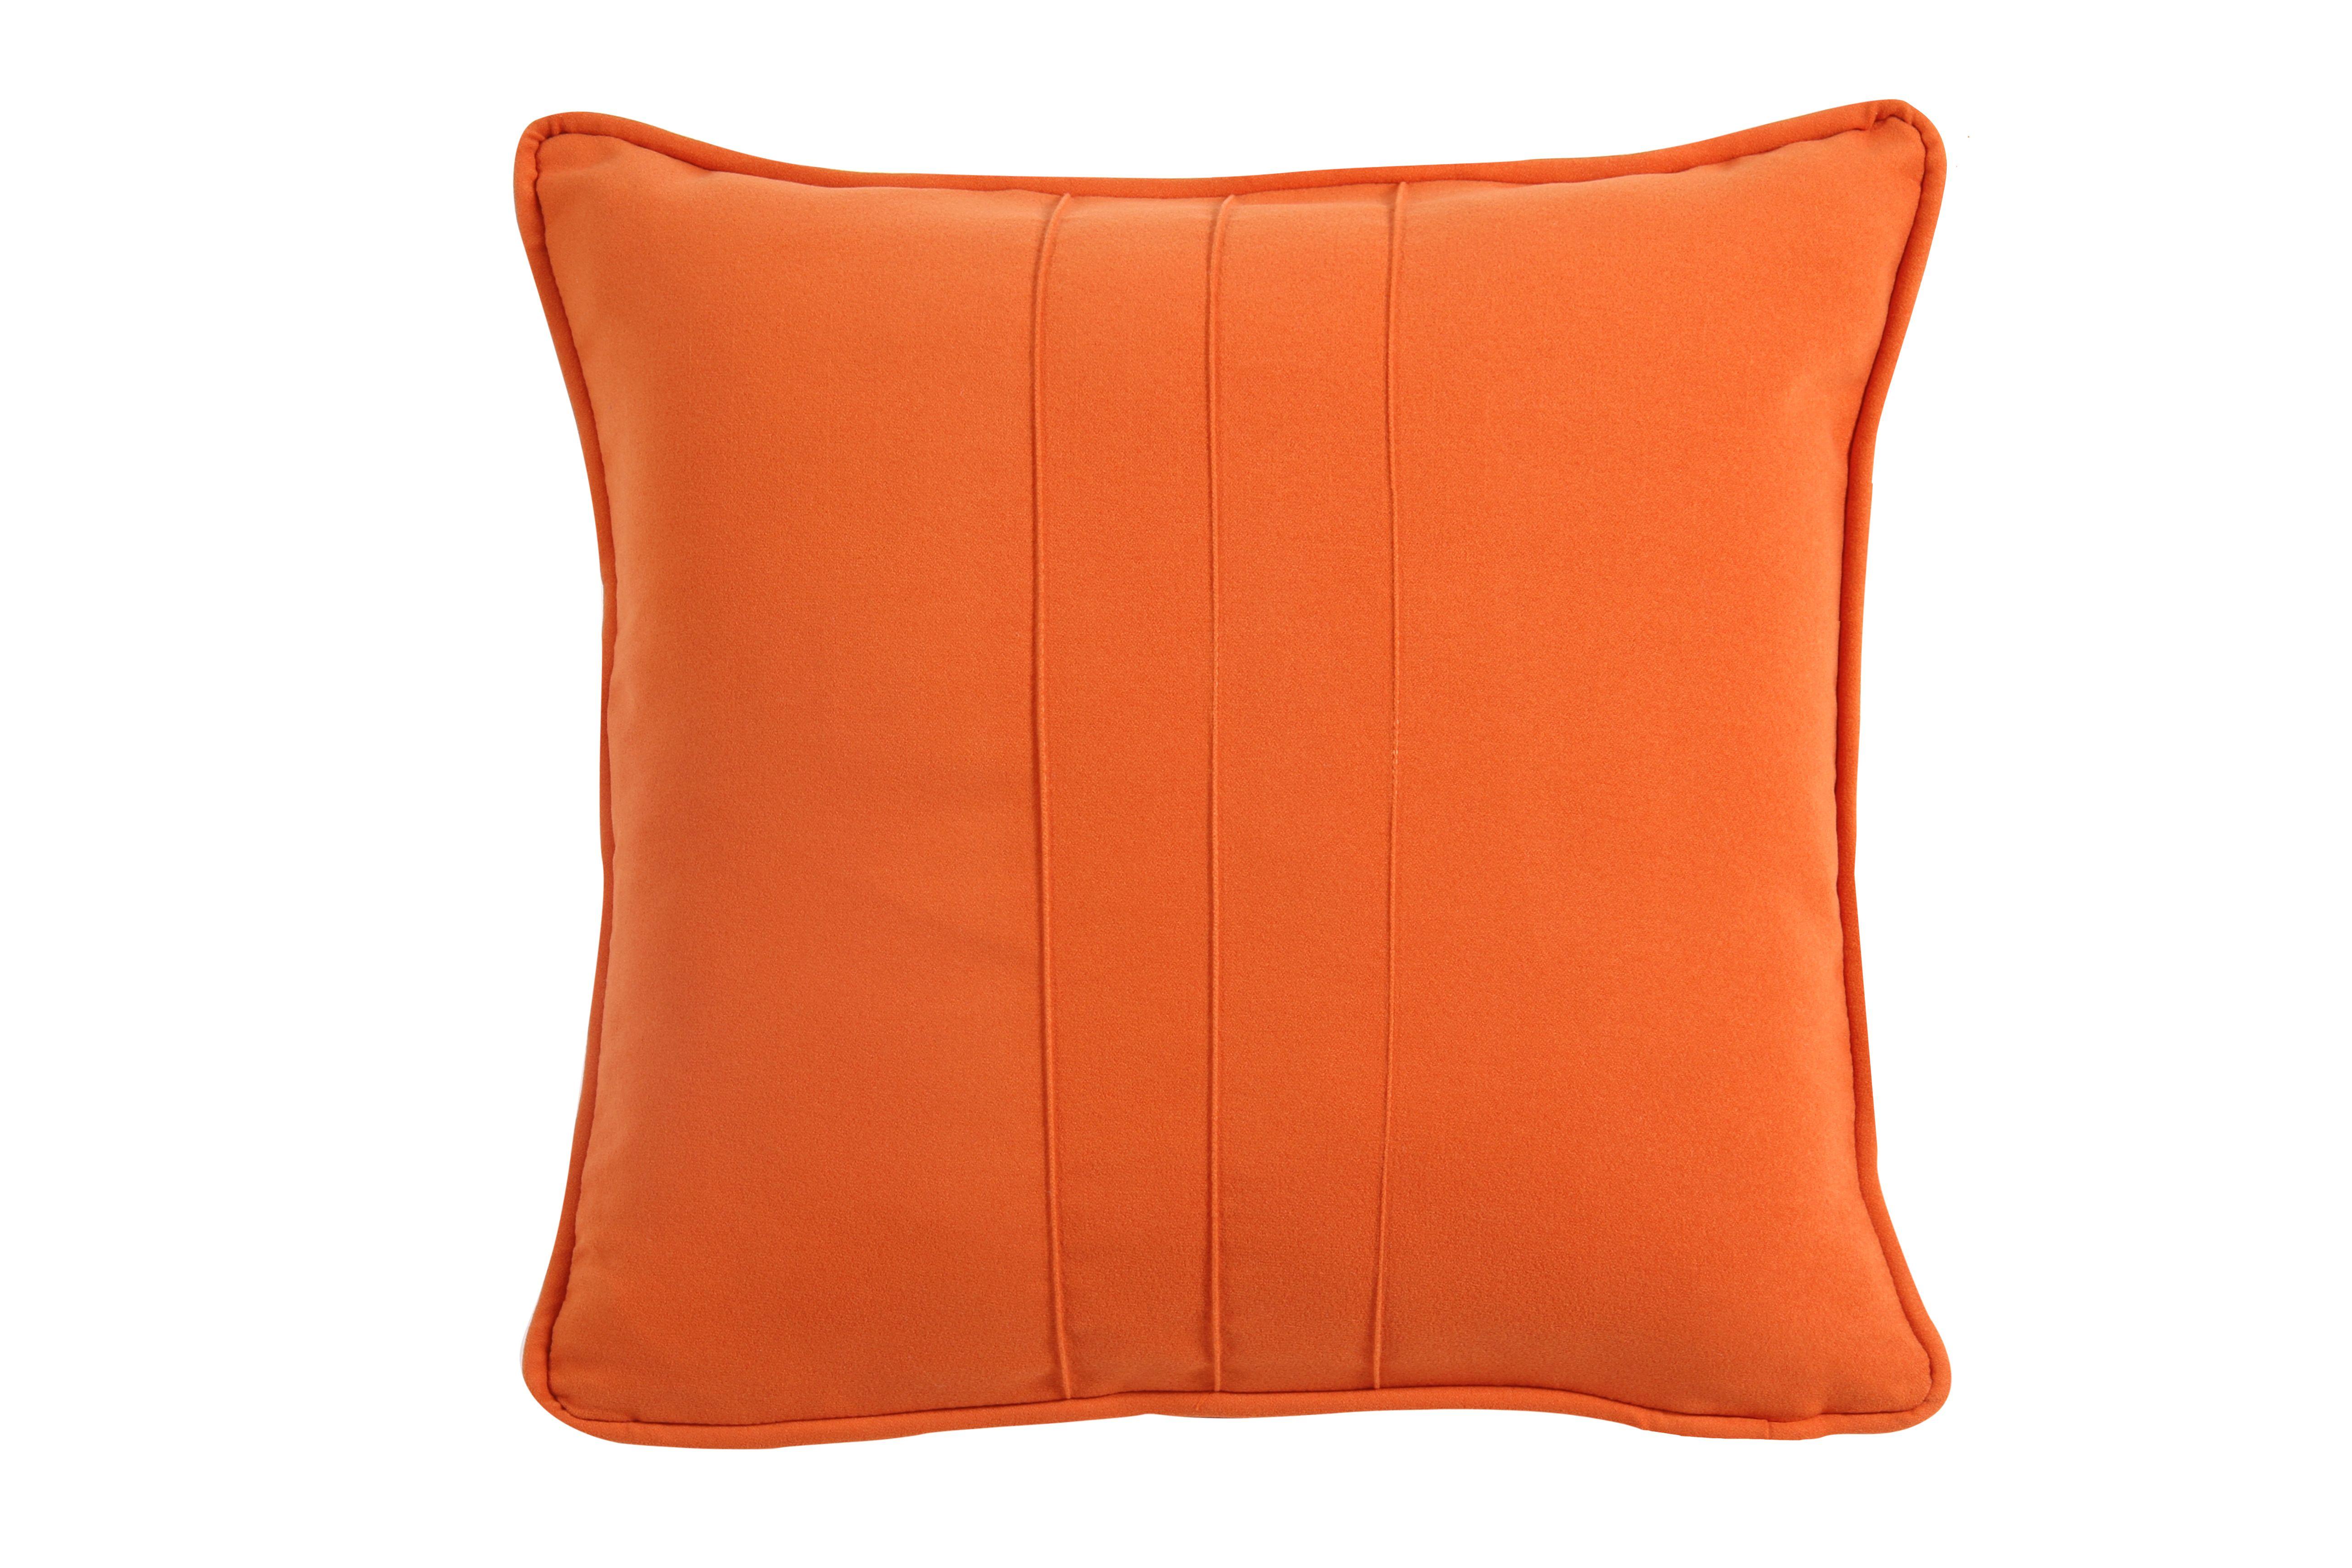 El Toque De Naranja Brillante En Estos Cojines Alforzados  # Muebles Piel De Durazno